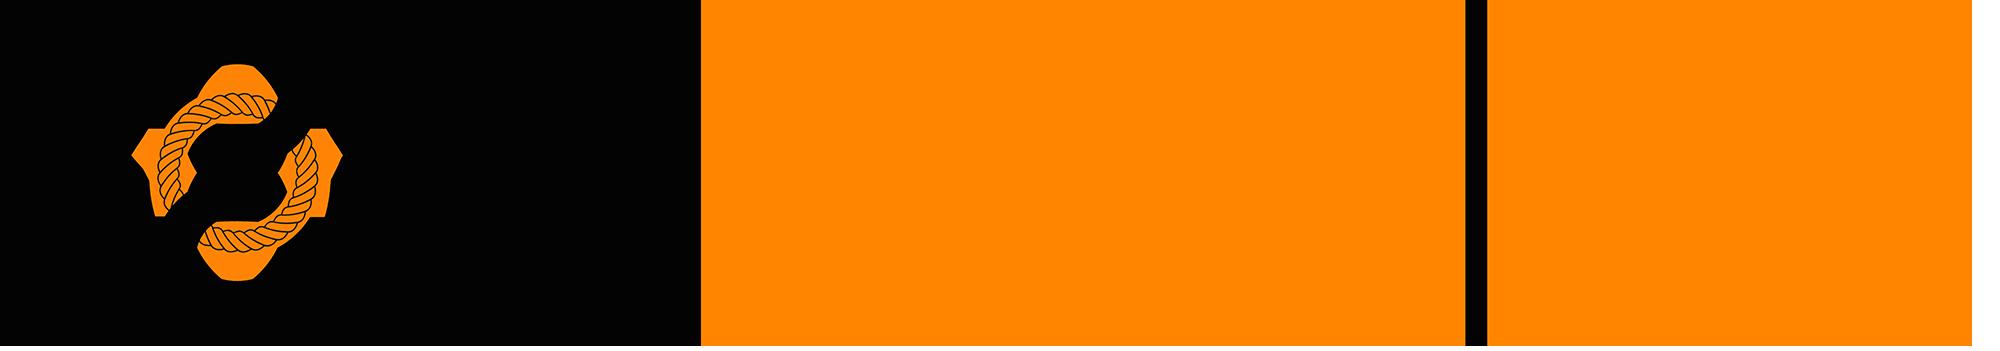 Logo Docknord opslag waddinxveen